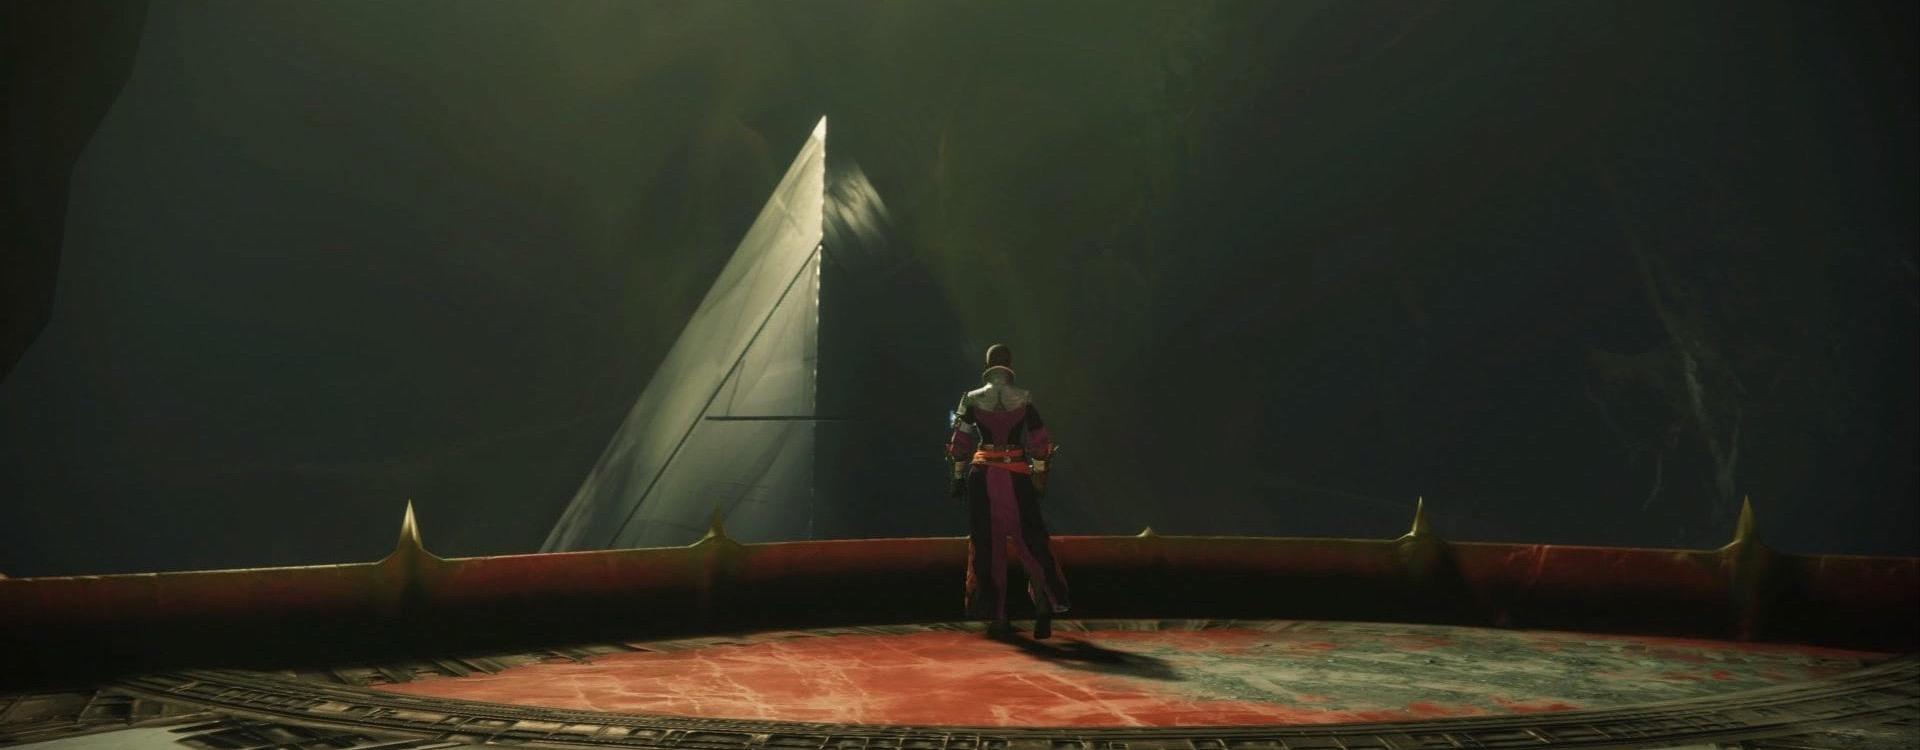 Destiny 2: Was ist eigentlich mit dem Pyramiden-Schiff aus Shadowkeep in Season 9?